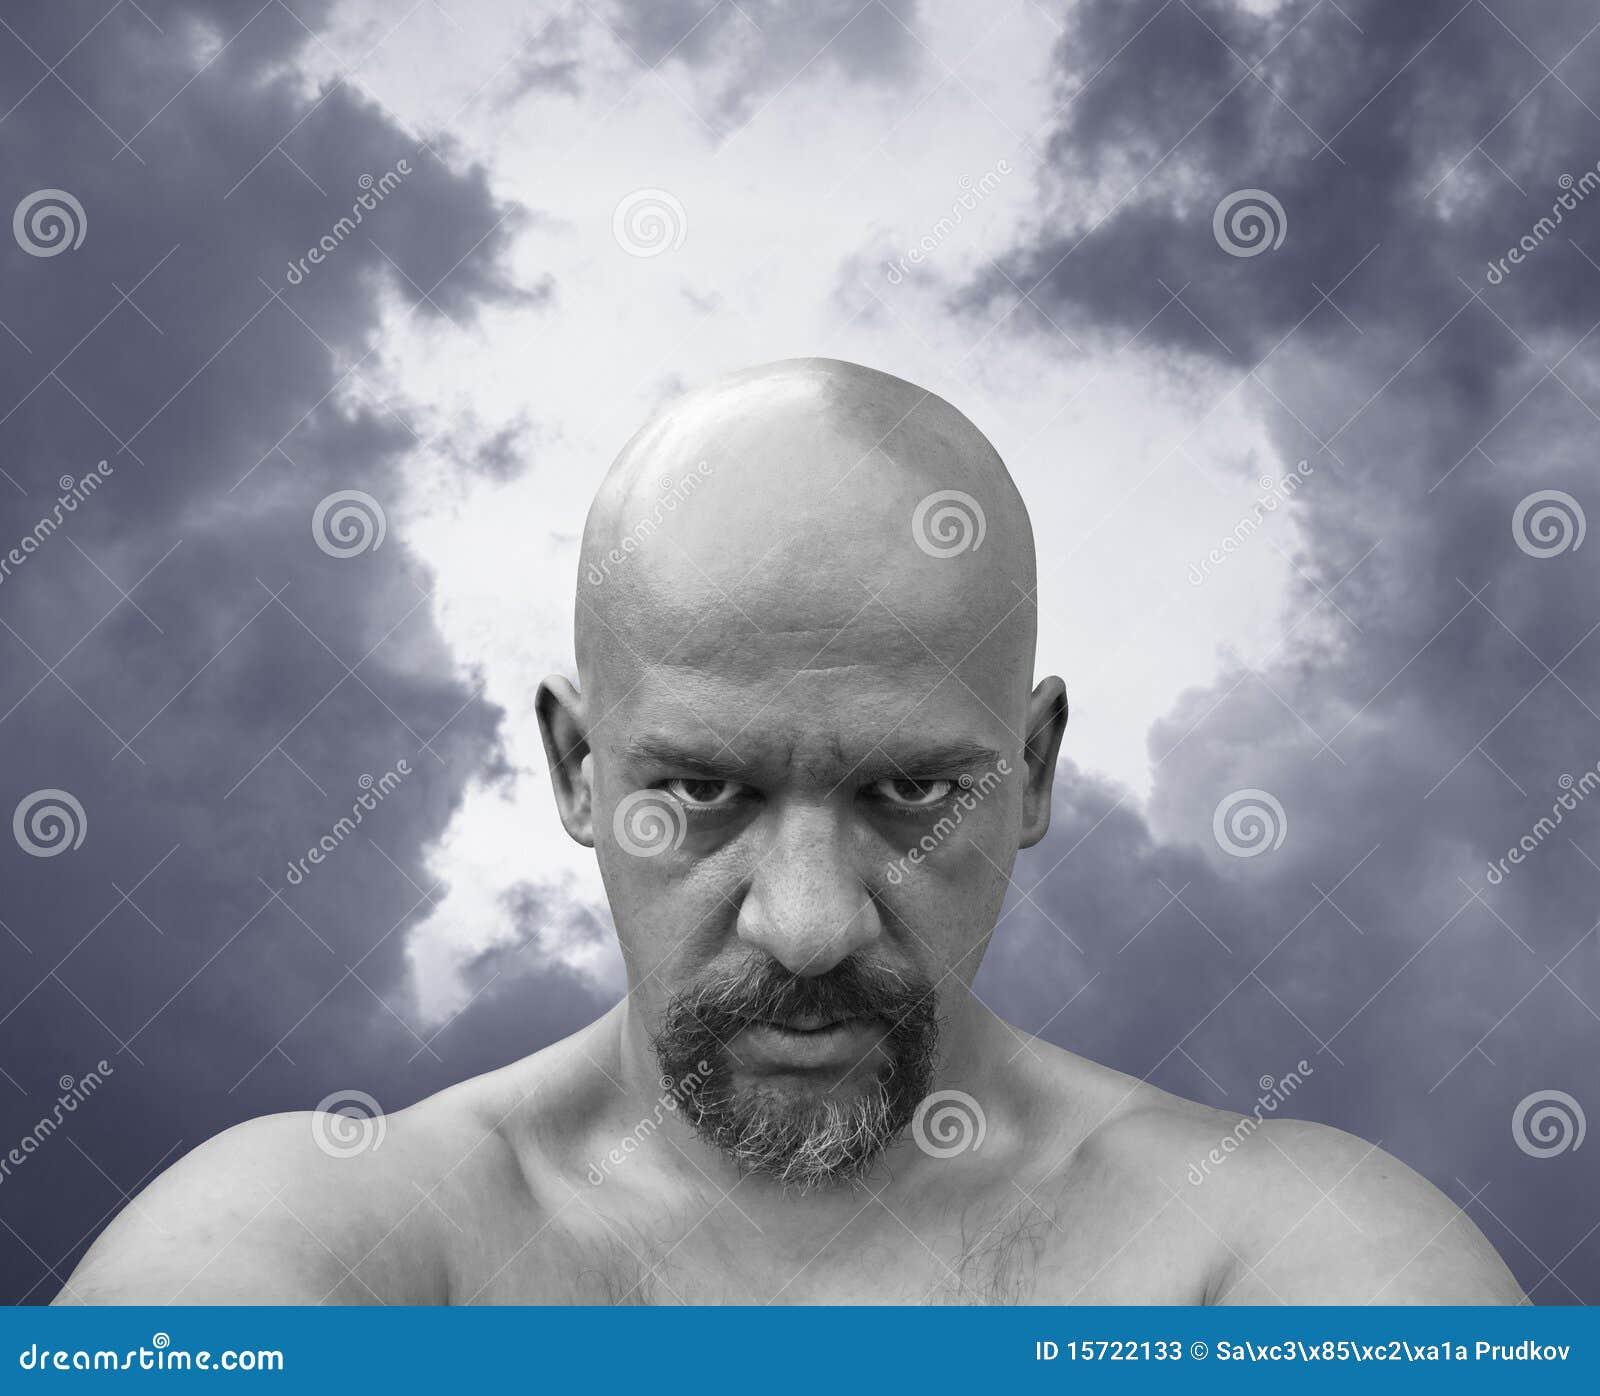 Homme nu chauve avec le regard sinistre dans ses yeux.